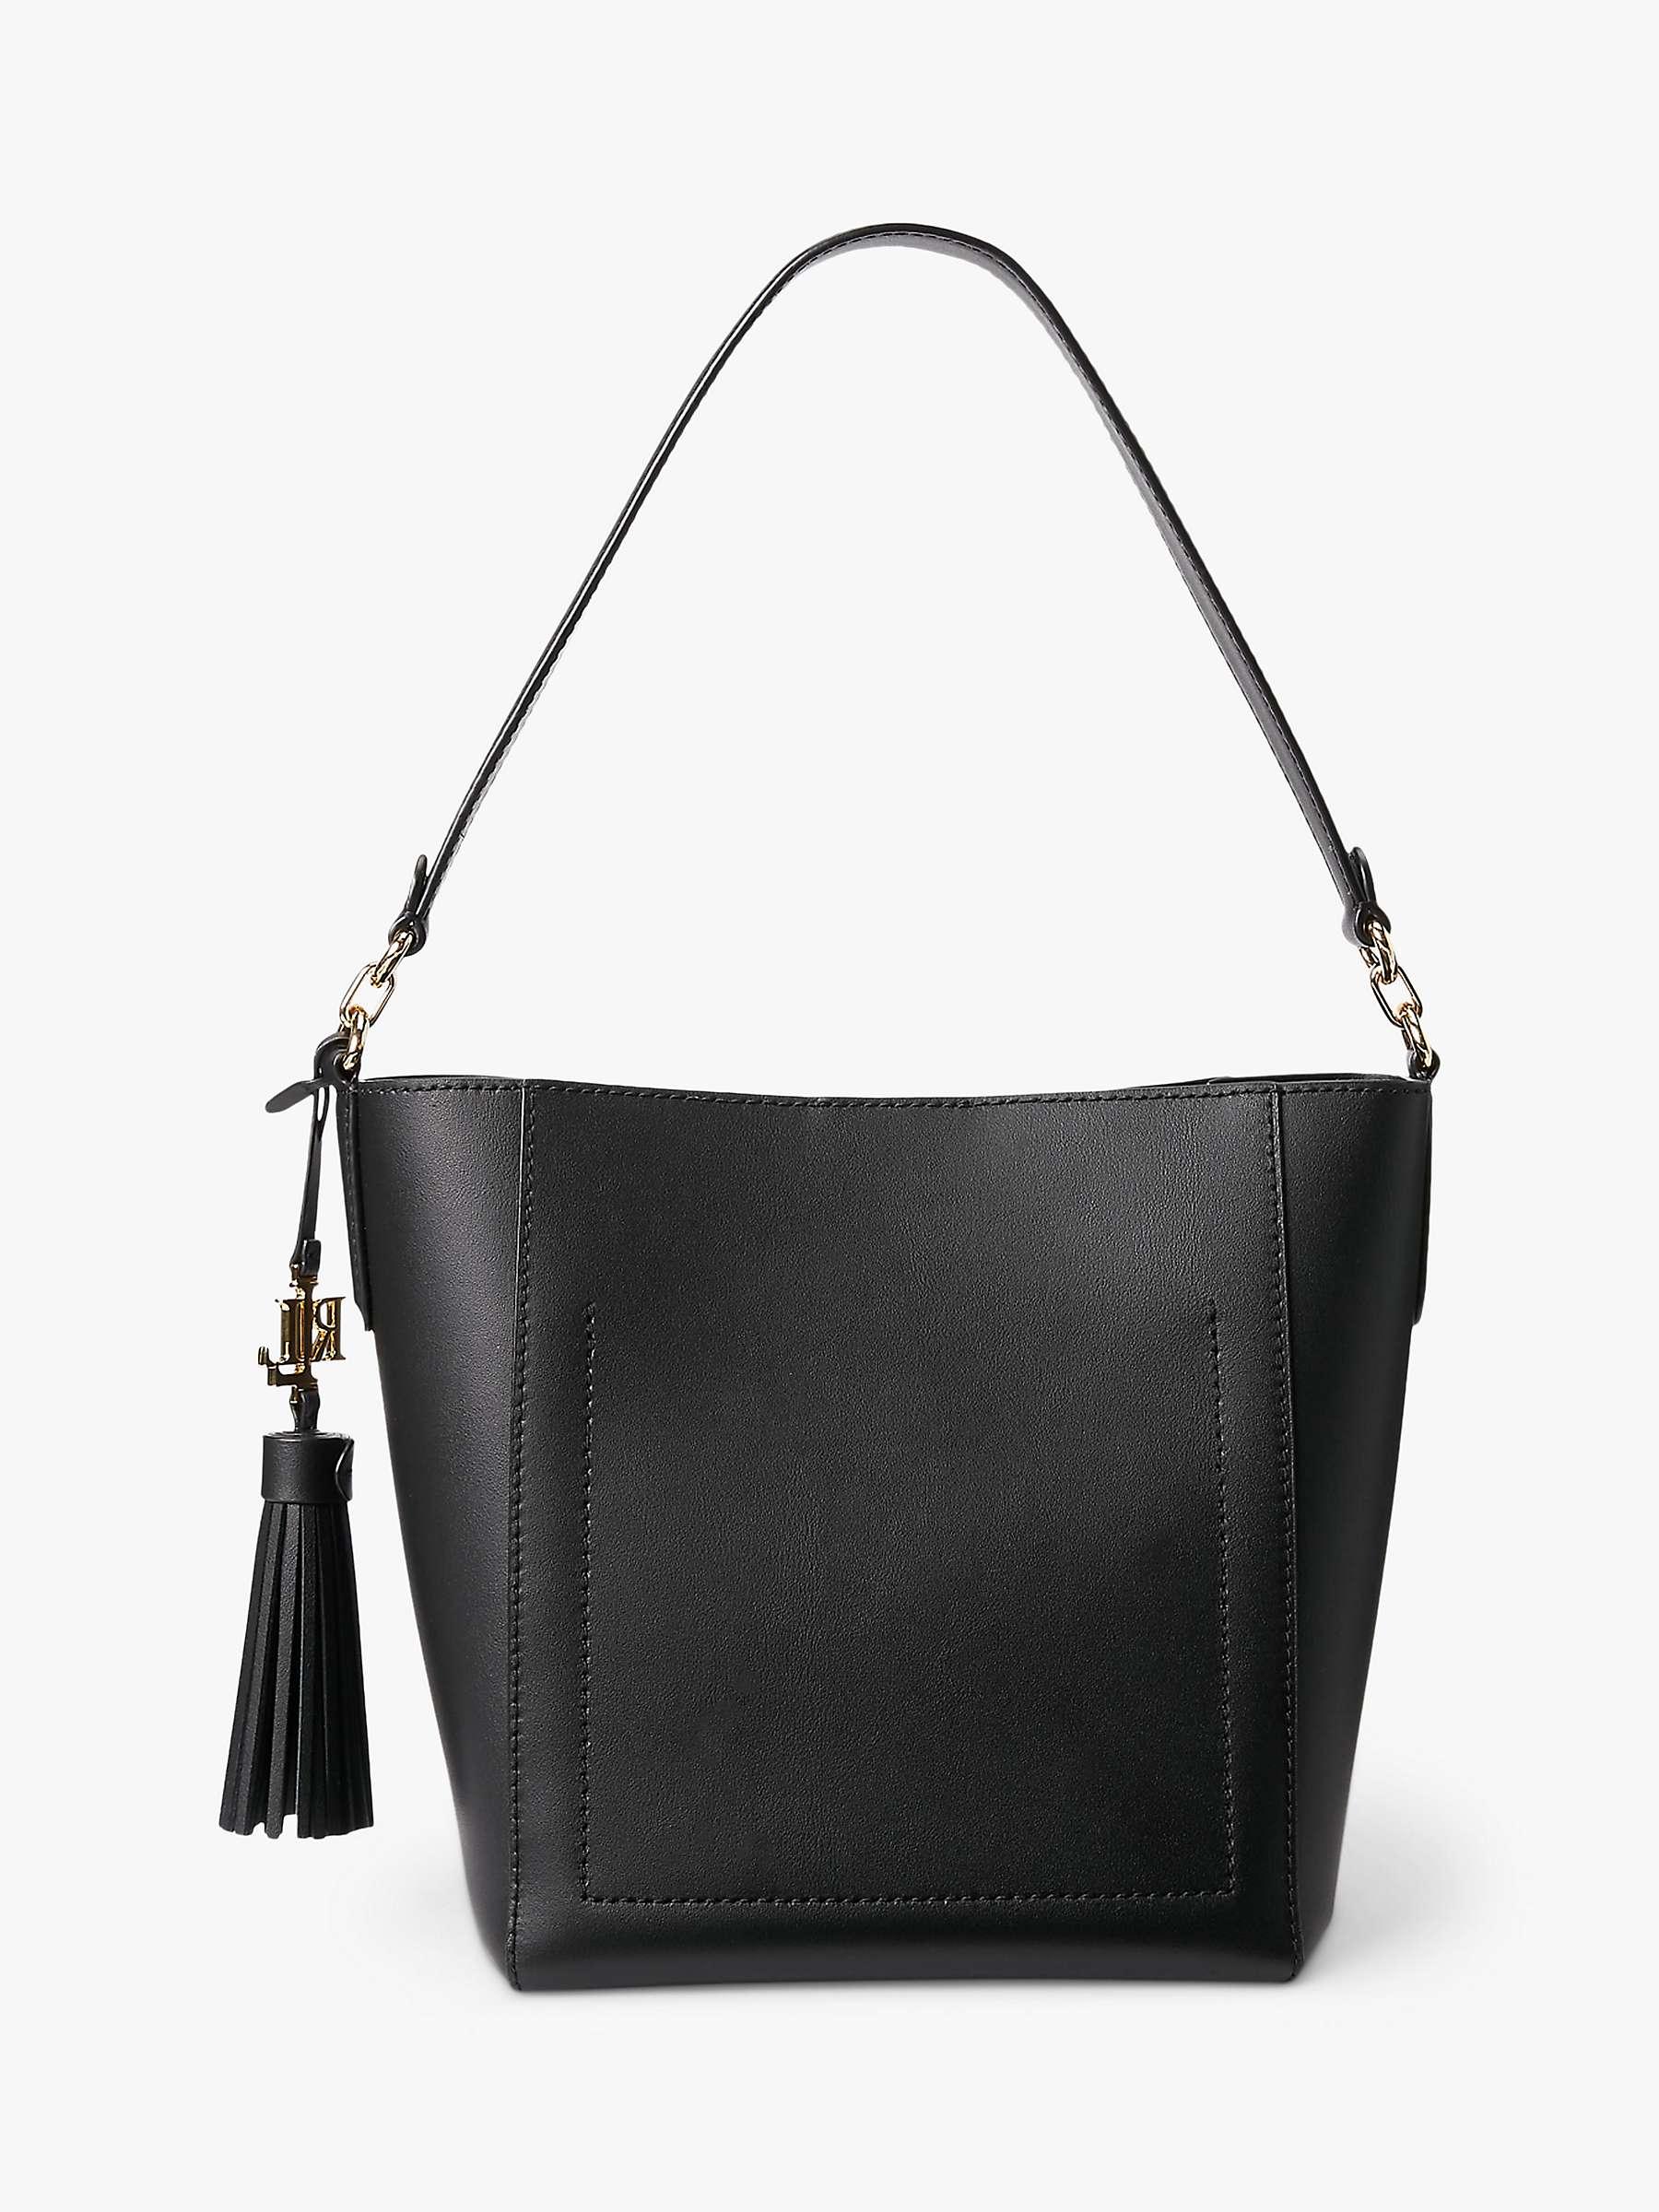 Lauren Ralph Lauren Adley 19 Shoulder Bag, Black at John